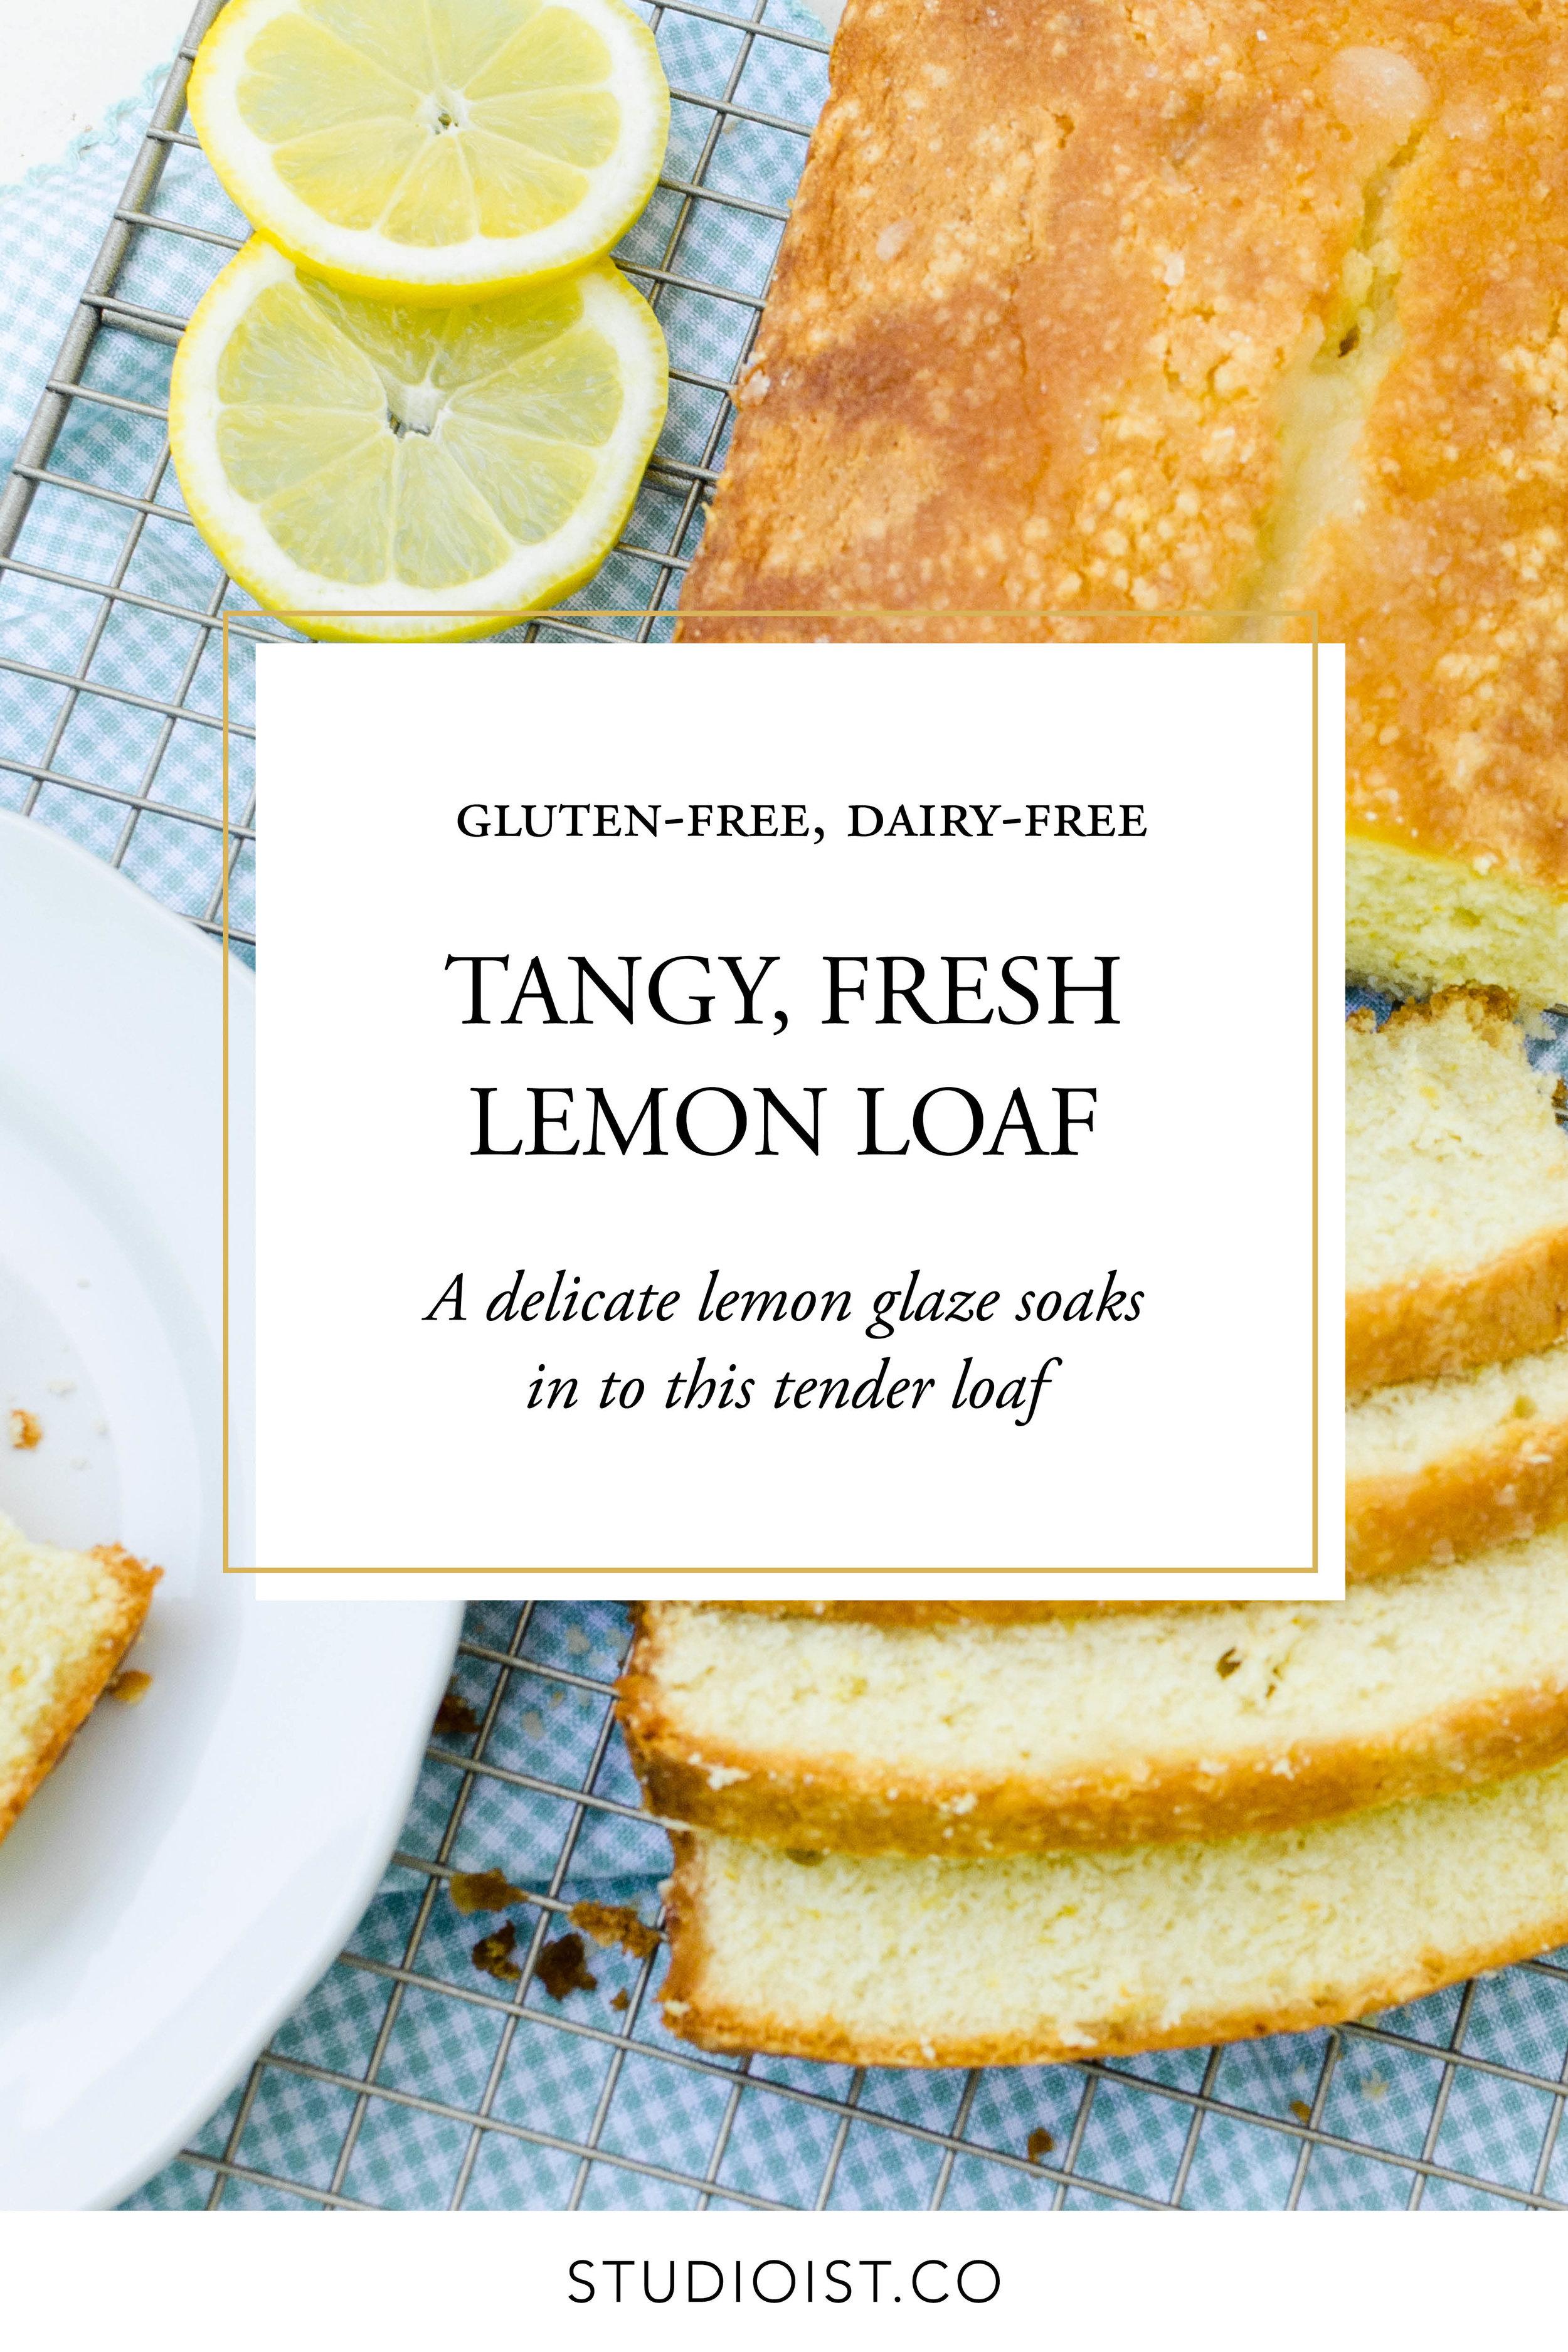 Studioist_Pinterest Design_Lemon Loaf.jpg